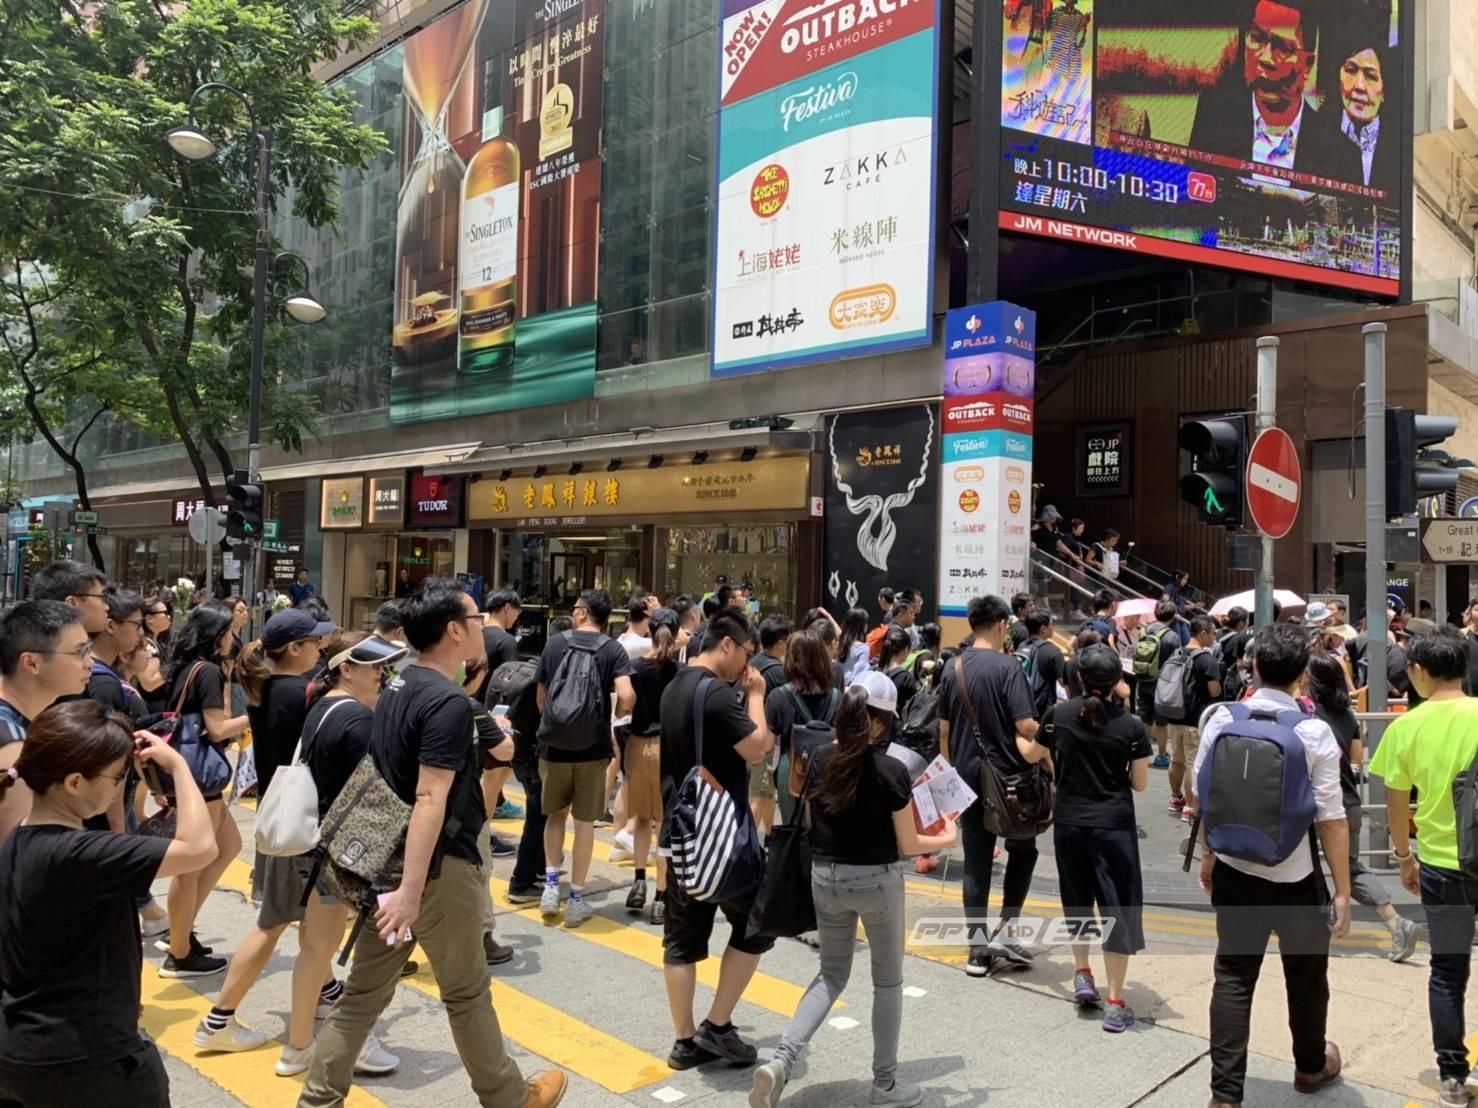 ชาวฮ่องกง นัดสวมชุดดำ ประณามตำรวจสลายการชุมนุม